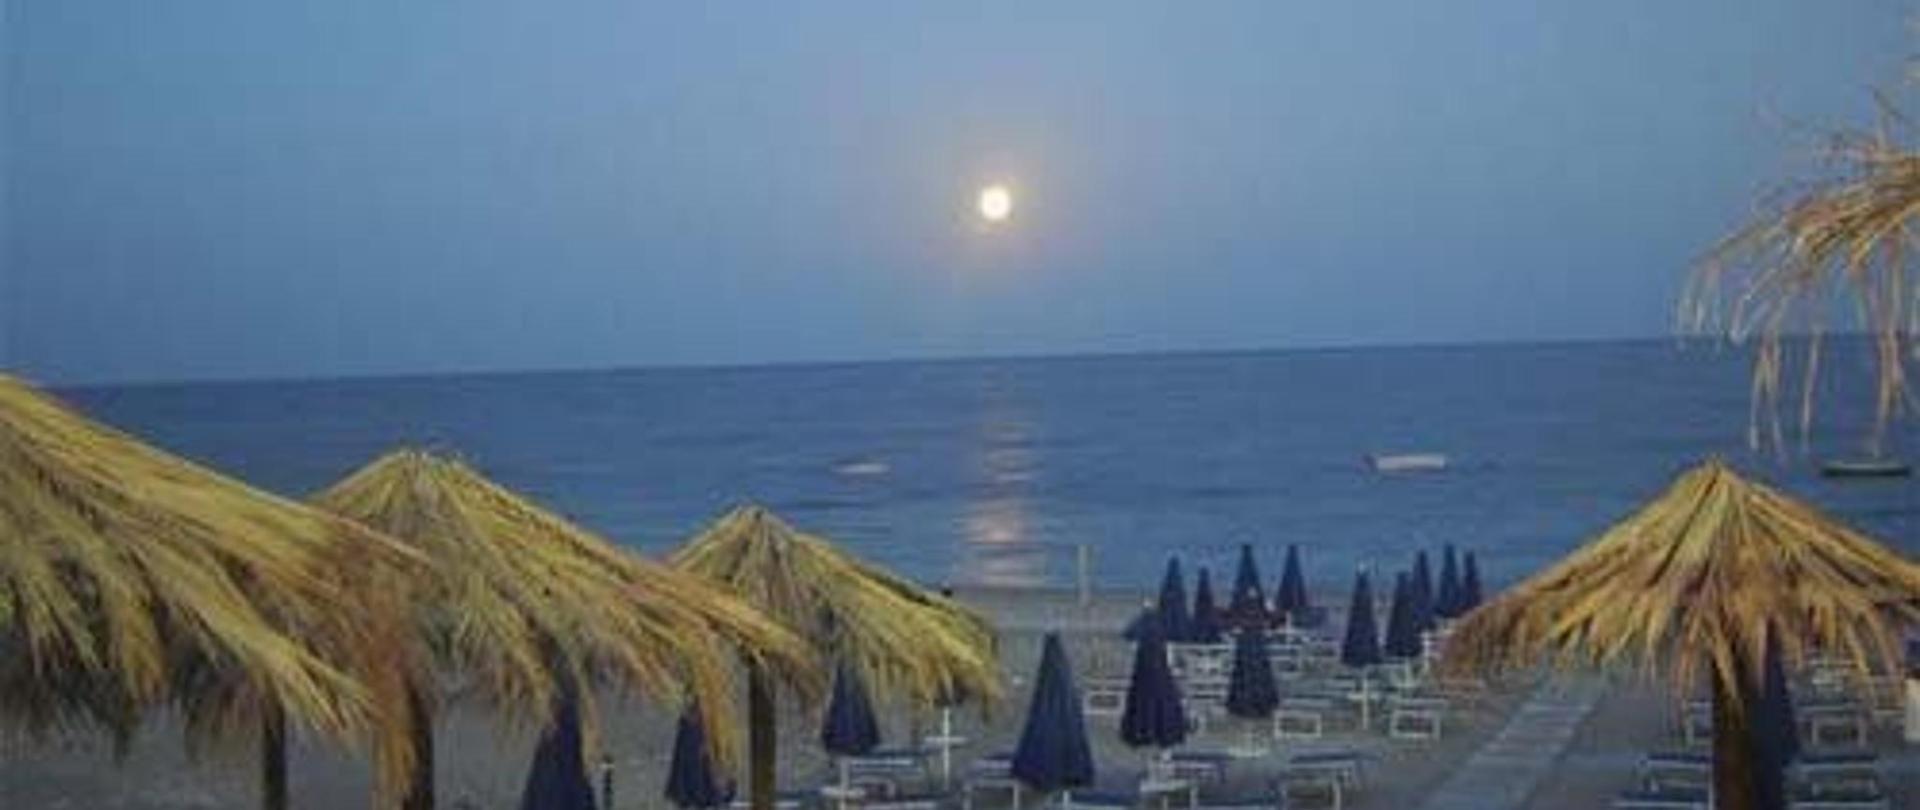 照片-雷特詹尼 -  spiaggia.jpg